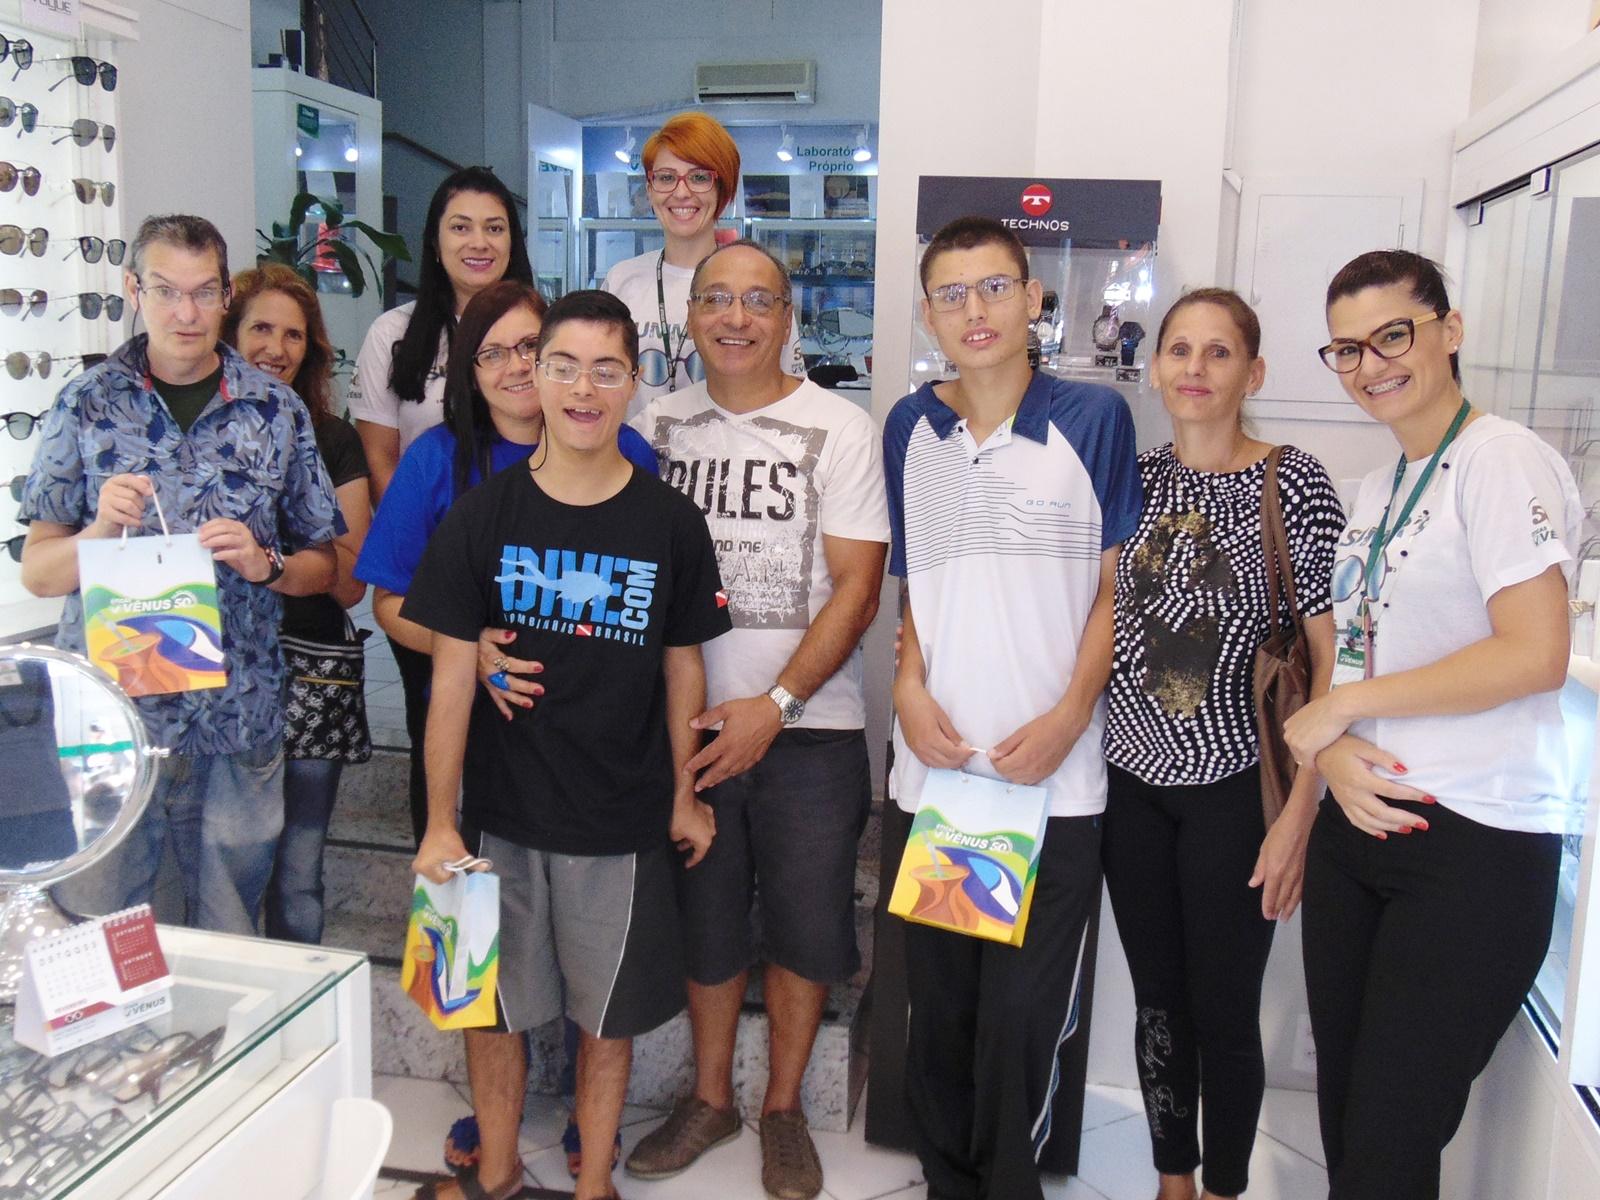 bcd104e164b A doação que ocorreu na loja na Galeria Golden faz parte de um dos projetos  de voluntariado das comemorações de cinquenta anos das Óticas Vênus.